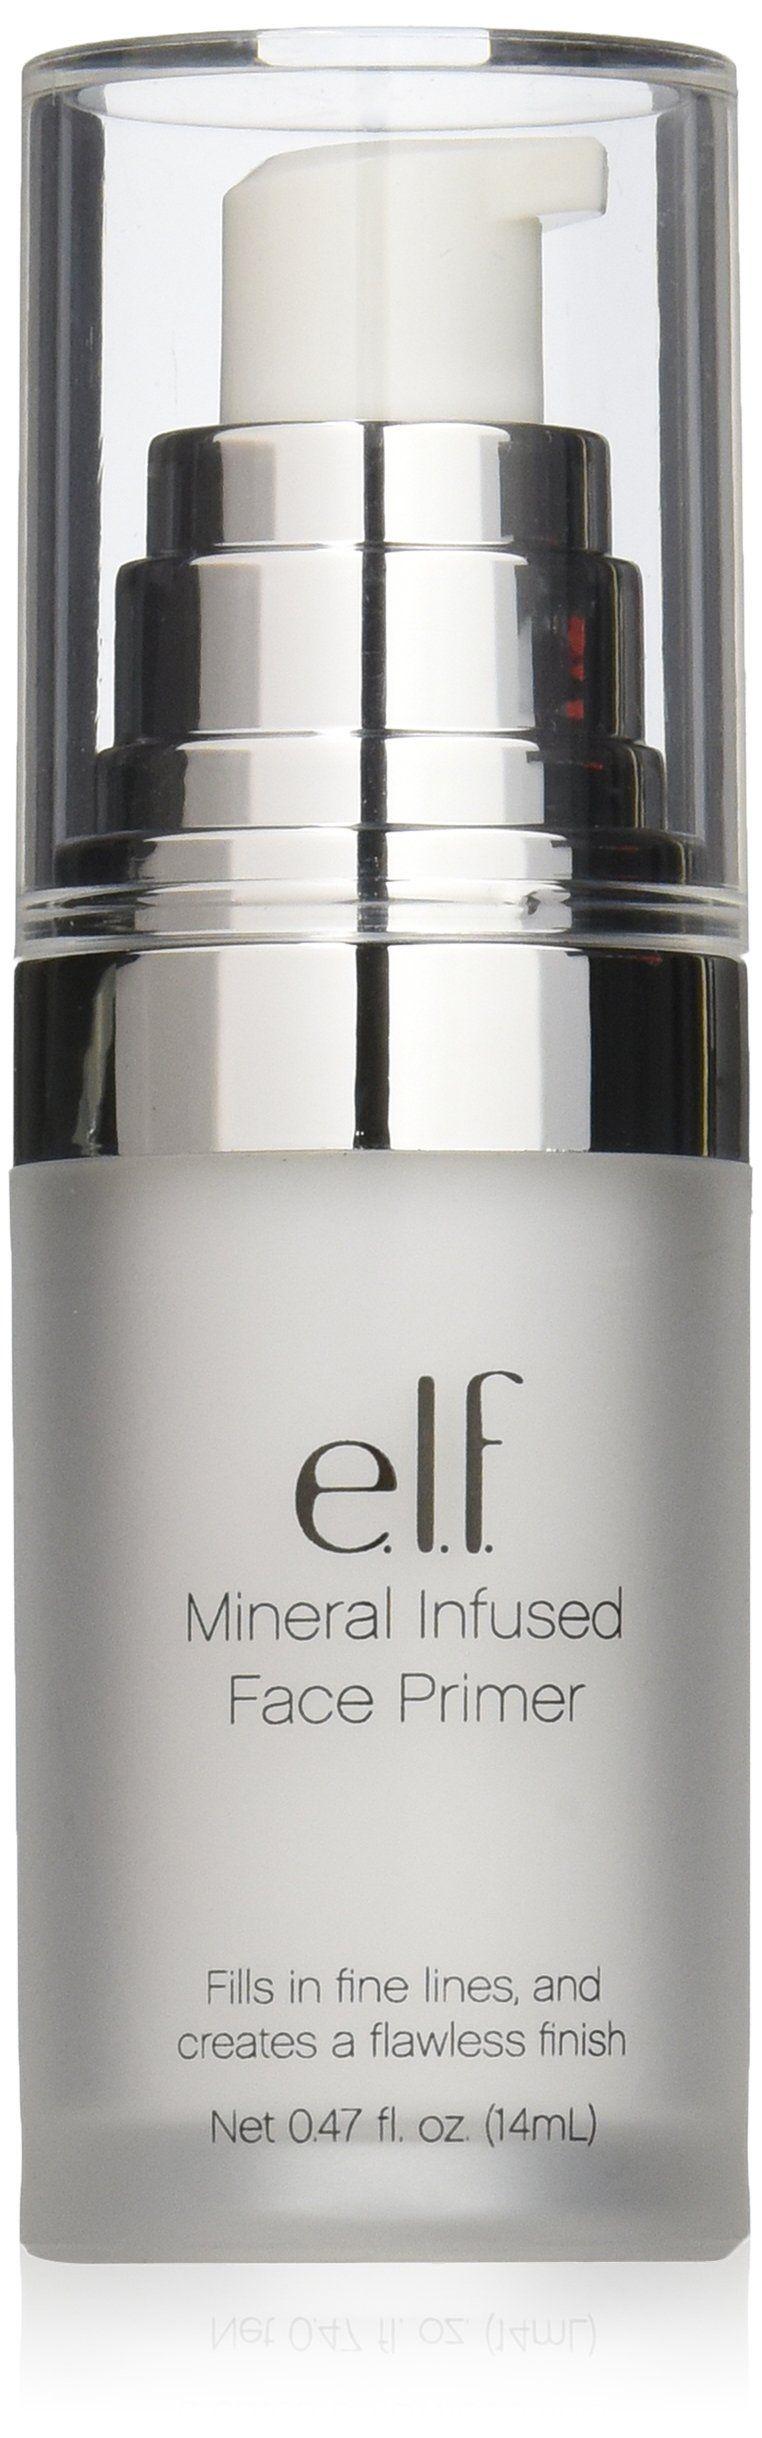 e.l.f cosmetics Studio Mineral Infused Face Primer, 0.47